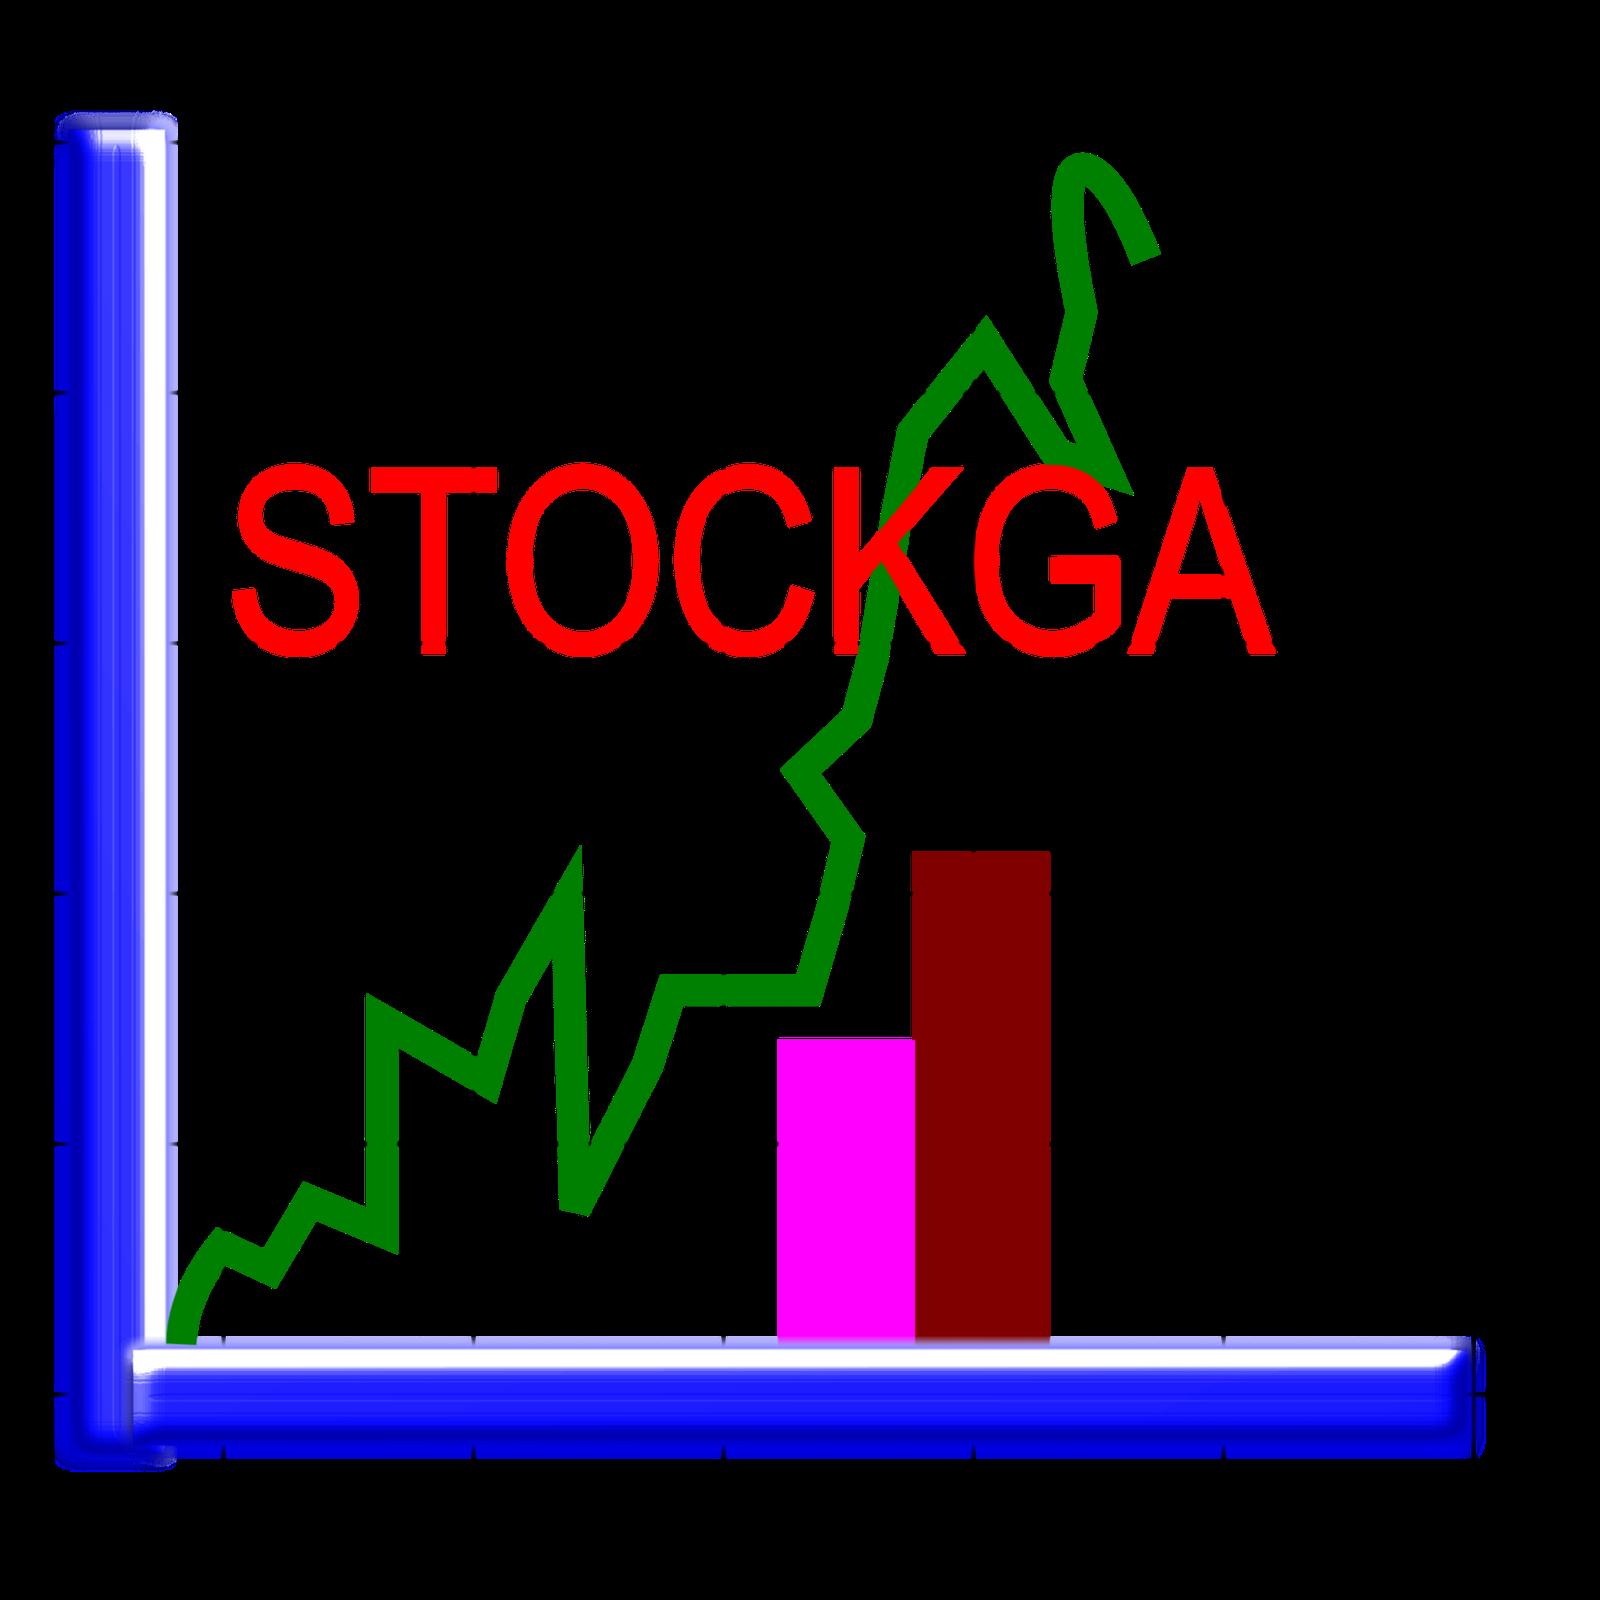 Financial clipart profitability ratio. Kyaliapps stockga so how